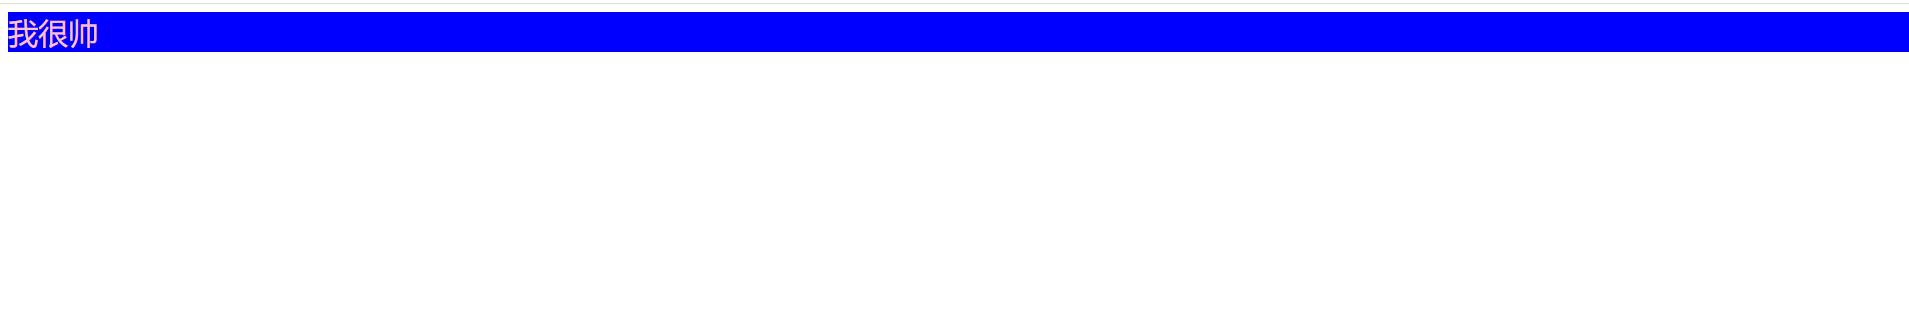 1600005766(1).jpg